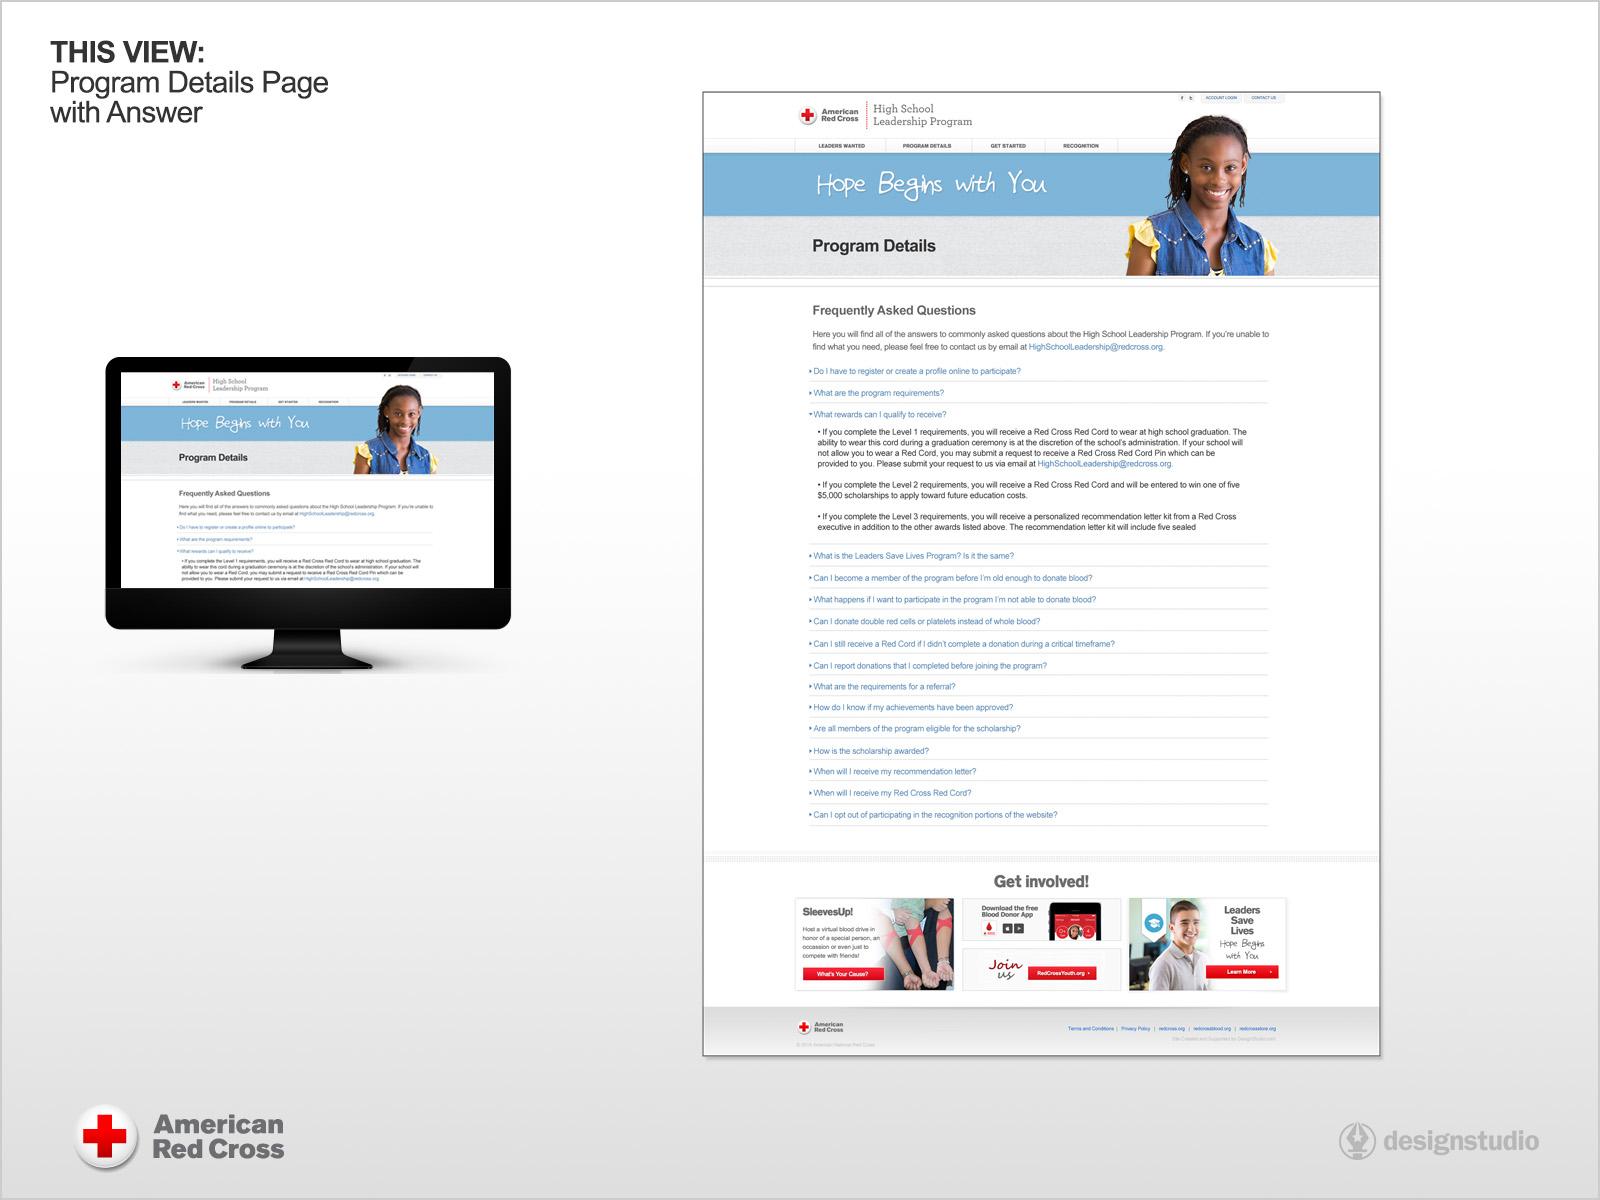 HSL-Desktop-Program+Details+Page-Withanswer3.jpg